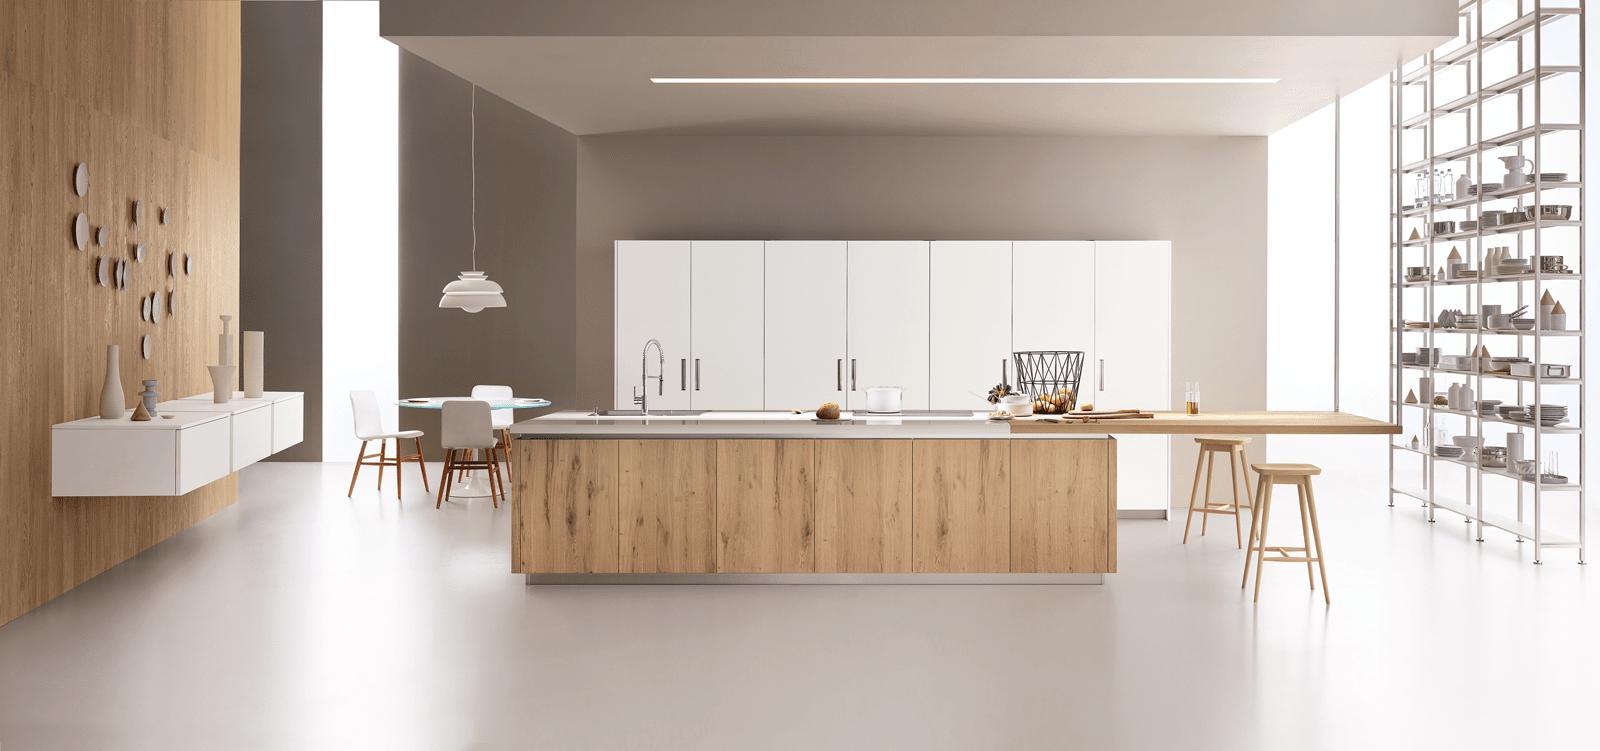 Cucina con l 39 isola il modello ideale a vista sul - Disegni di cucine ...